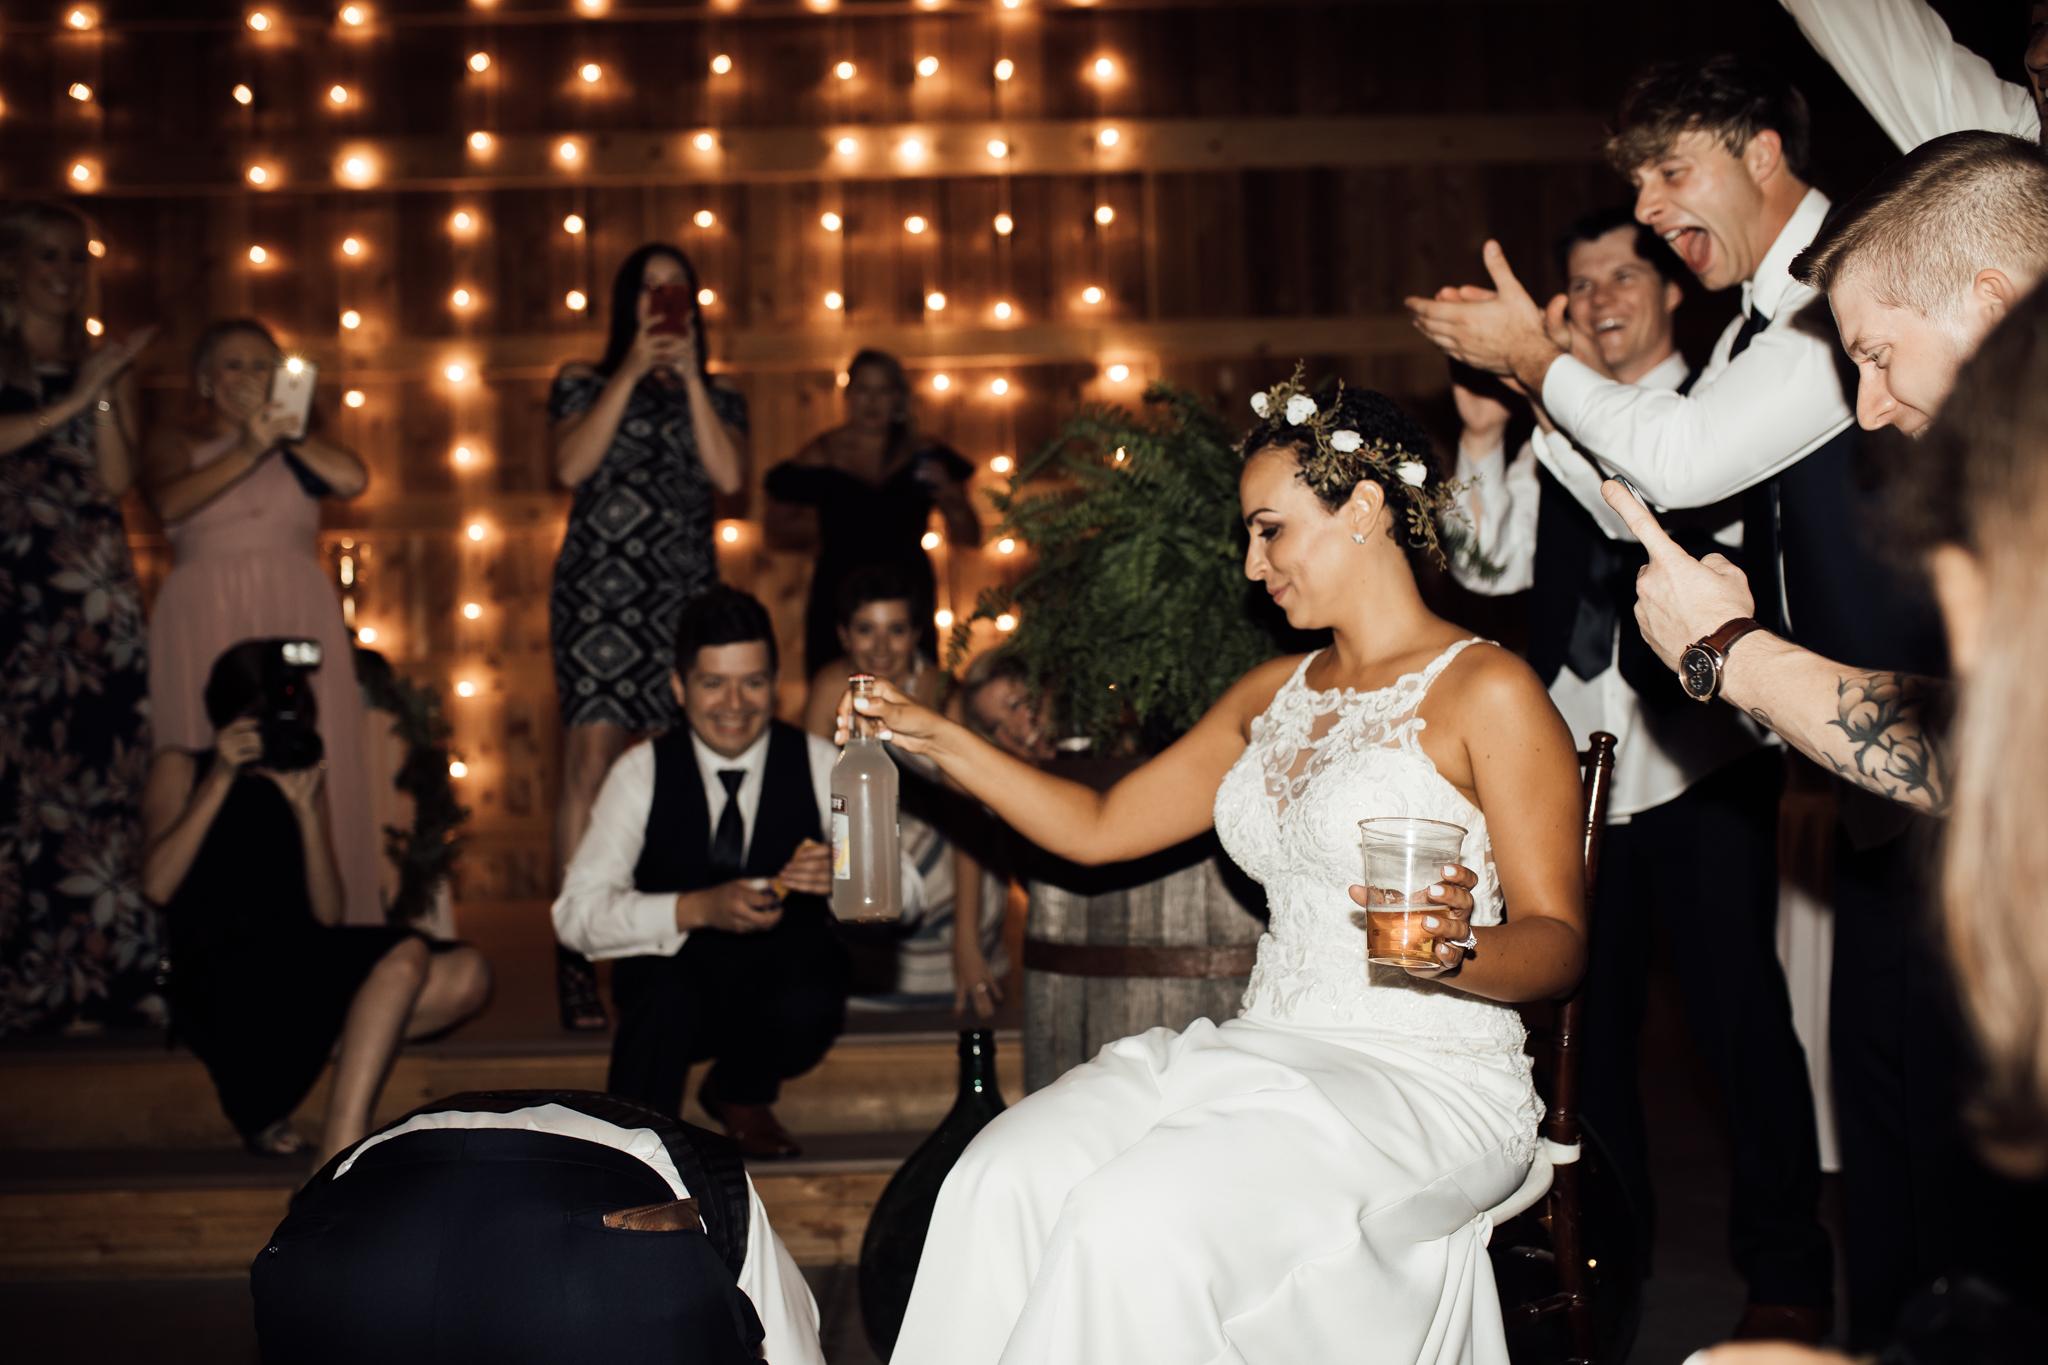 saddlewoodsfarms-nashville-wedding-photographer-thewarmtharoundyou-rustic-wedding (232 of 251).jpg